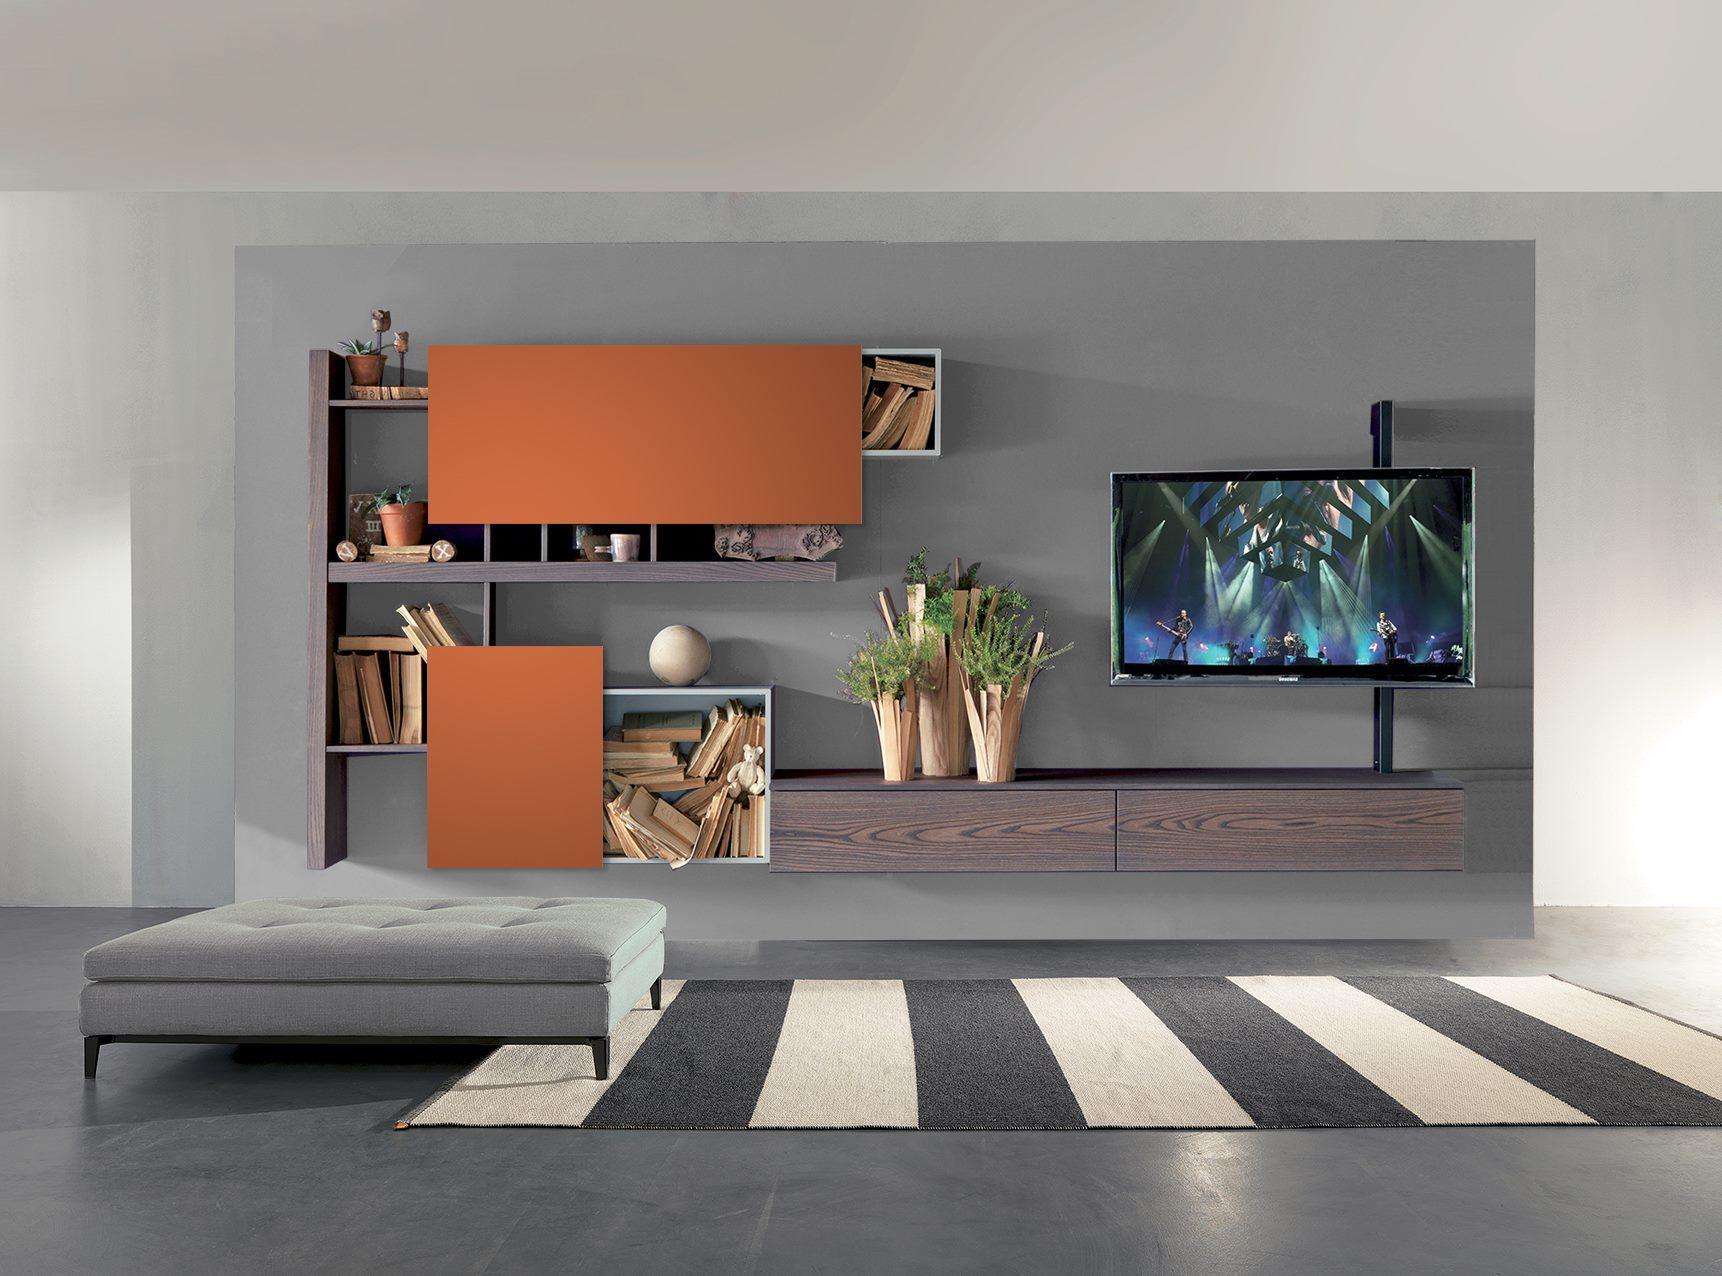 fimar soggiorno arancione e olmo - Mobili e arredi Lissone ...